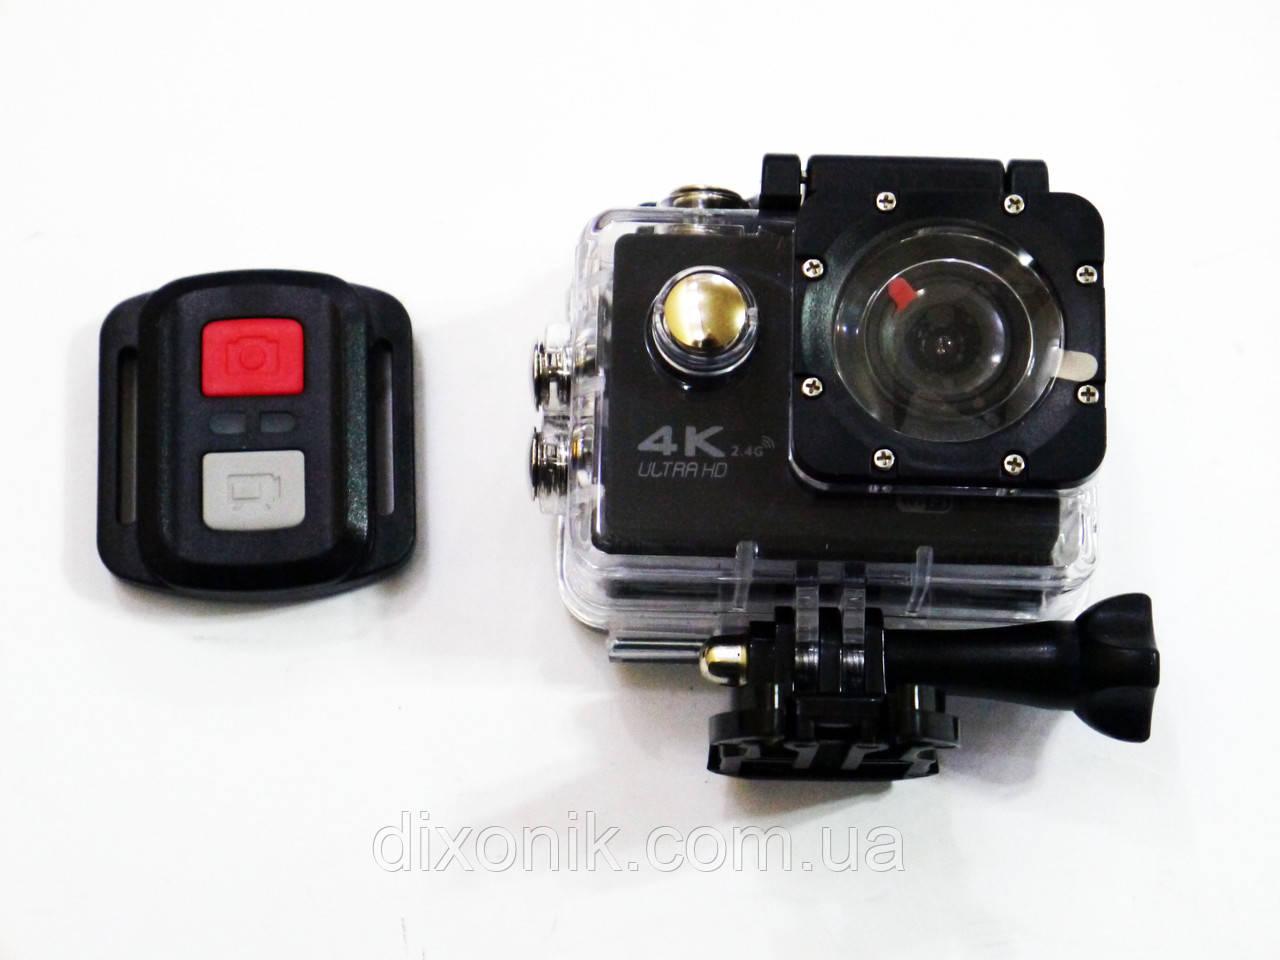 Спортивная Action Camera Экшн камера Q3H WiFi 4K + пульт